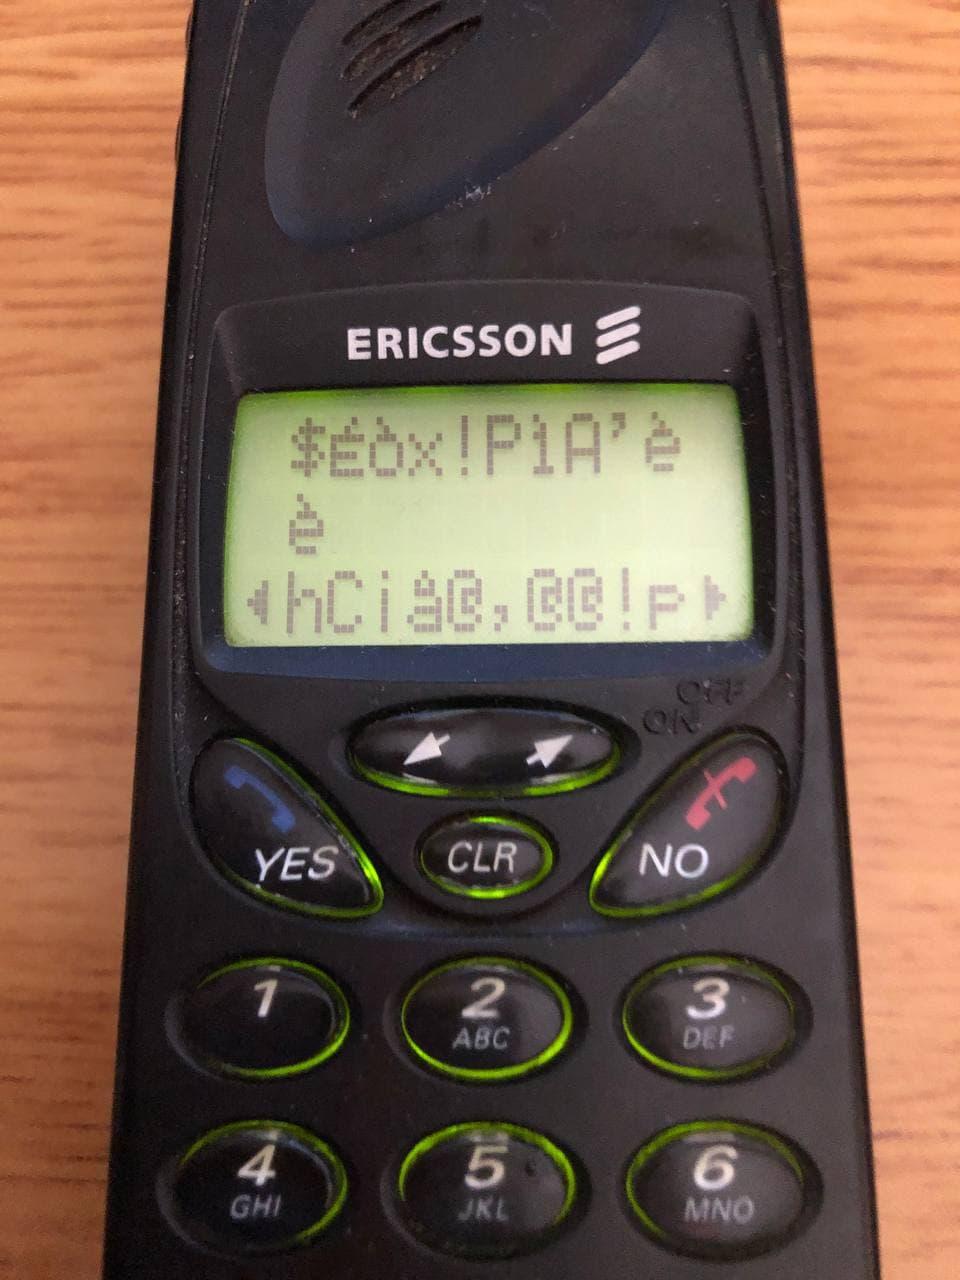 Привет из 1998 года: мобильный телефон Ericsson SH888 - 14